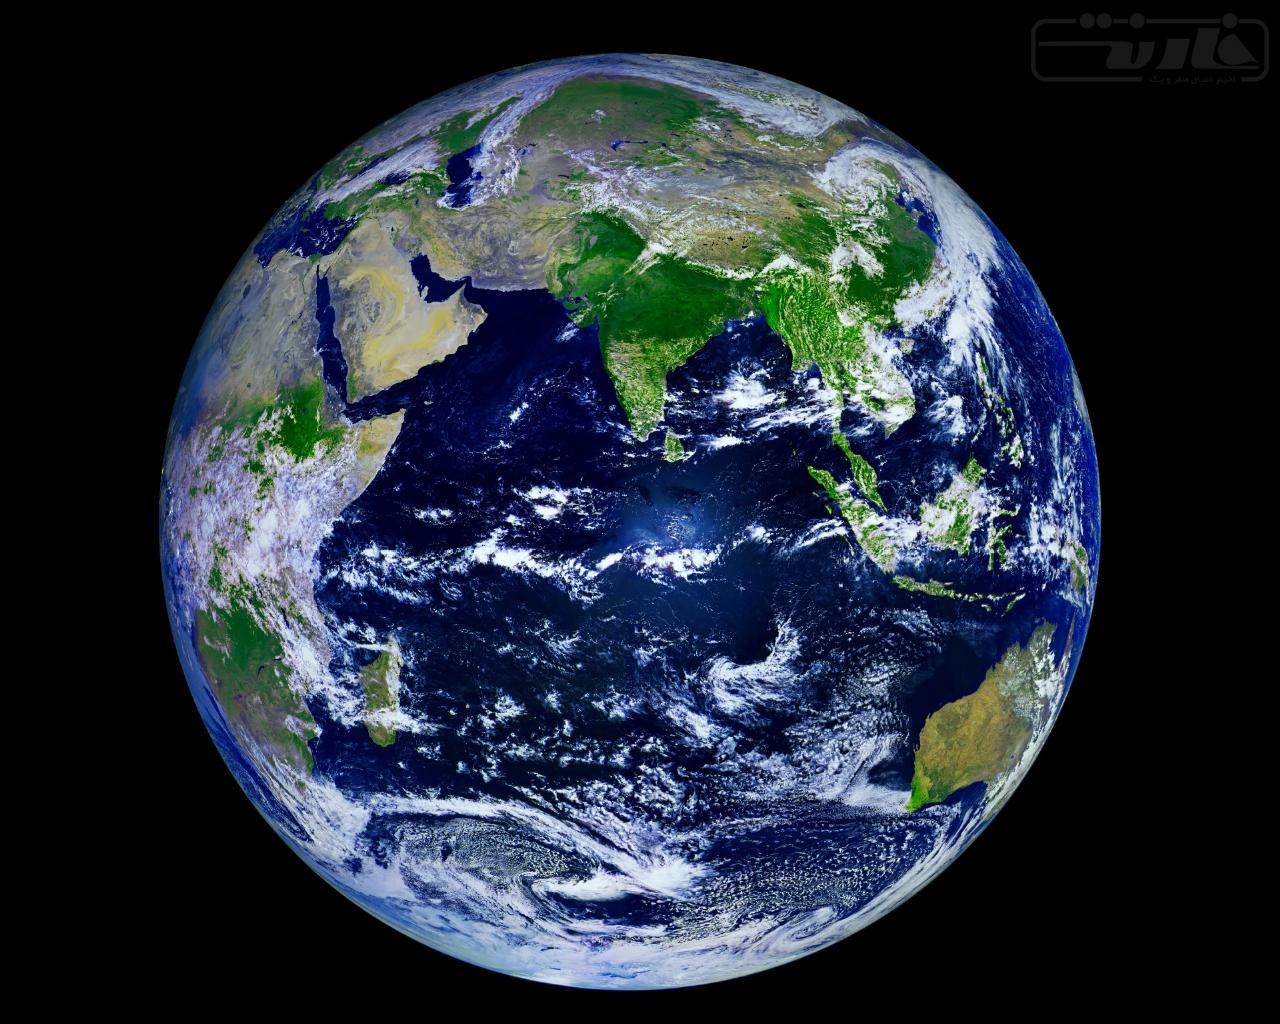 عکس کره زمین با کیفیت